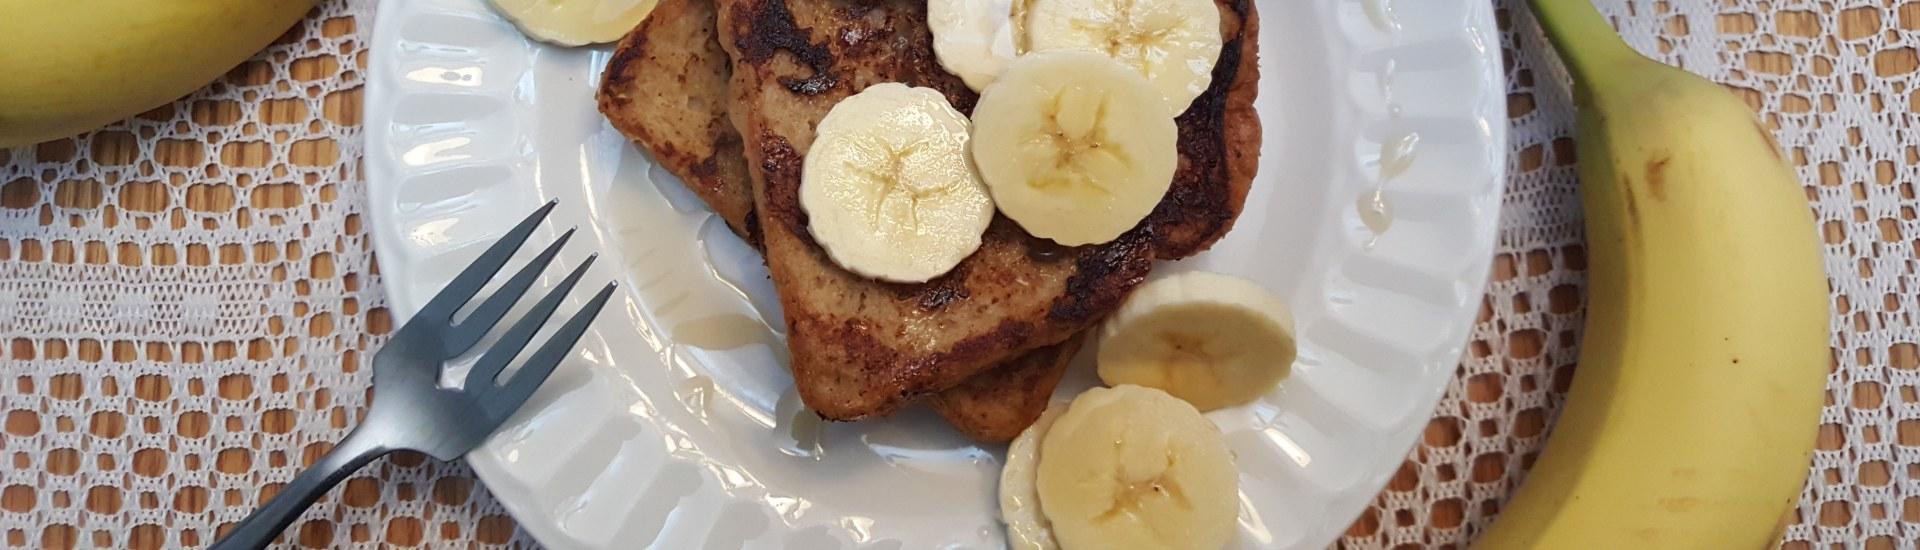 Pain perdu à la banane et cannelle